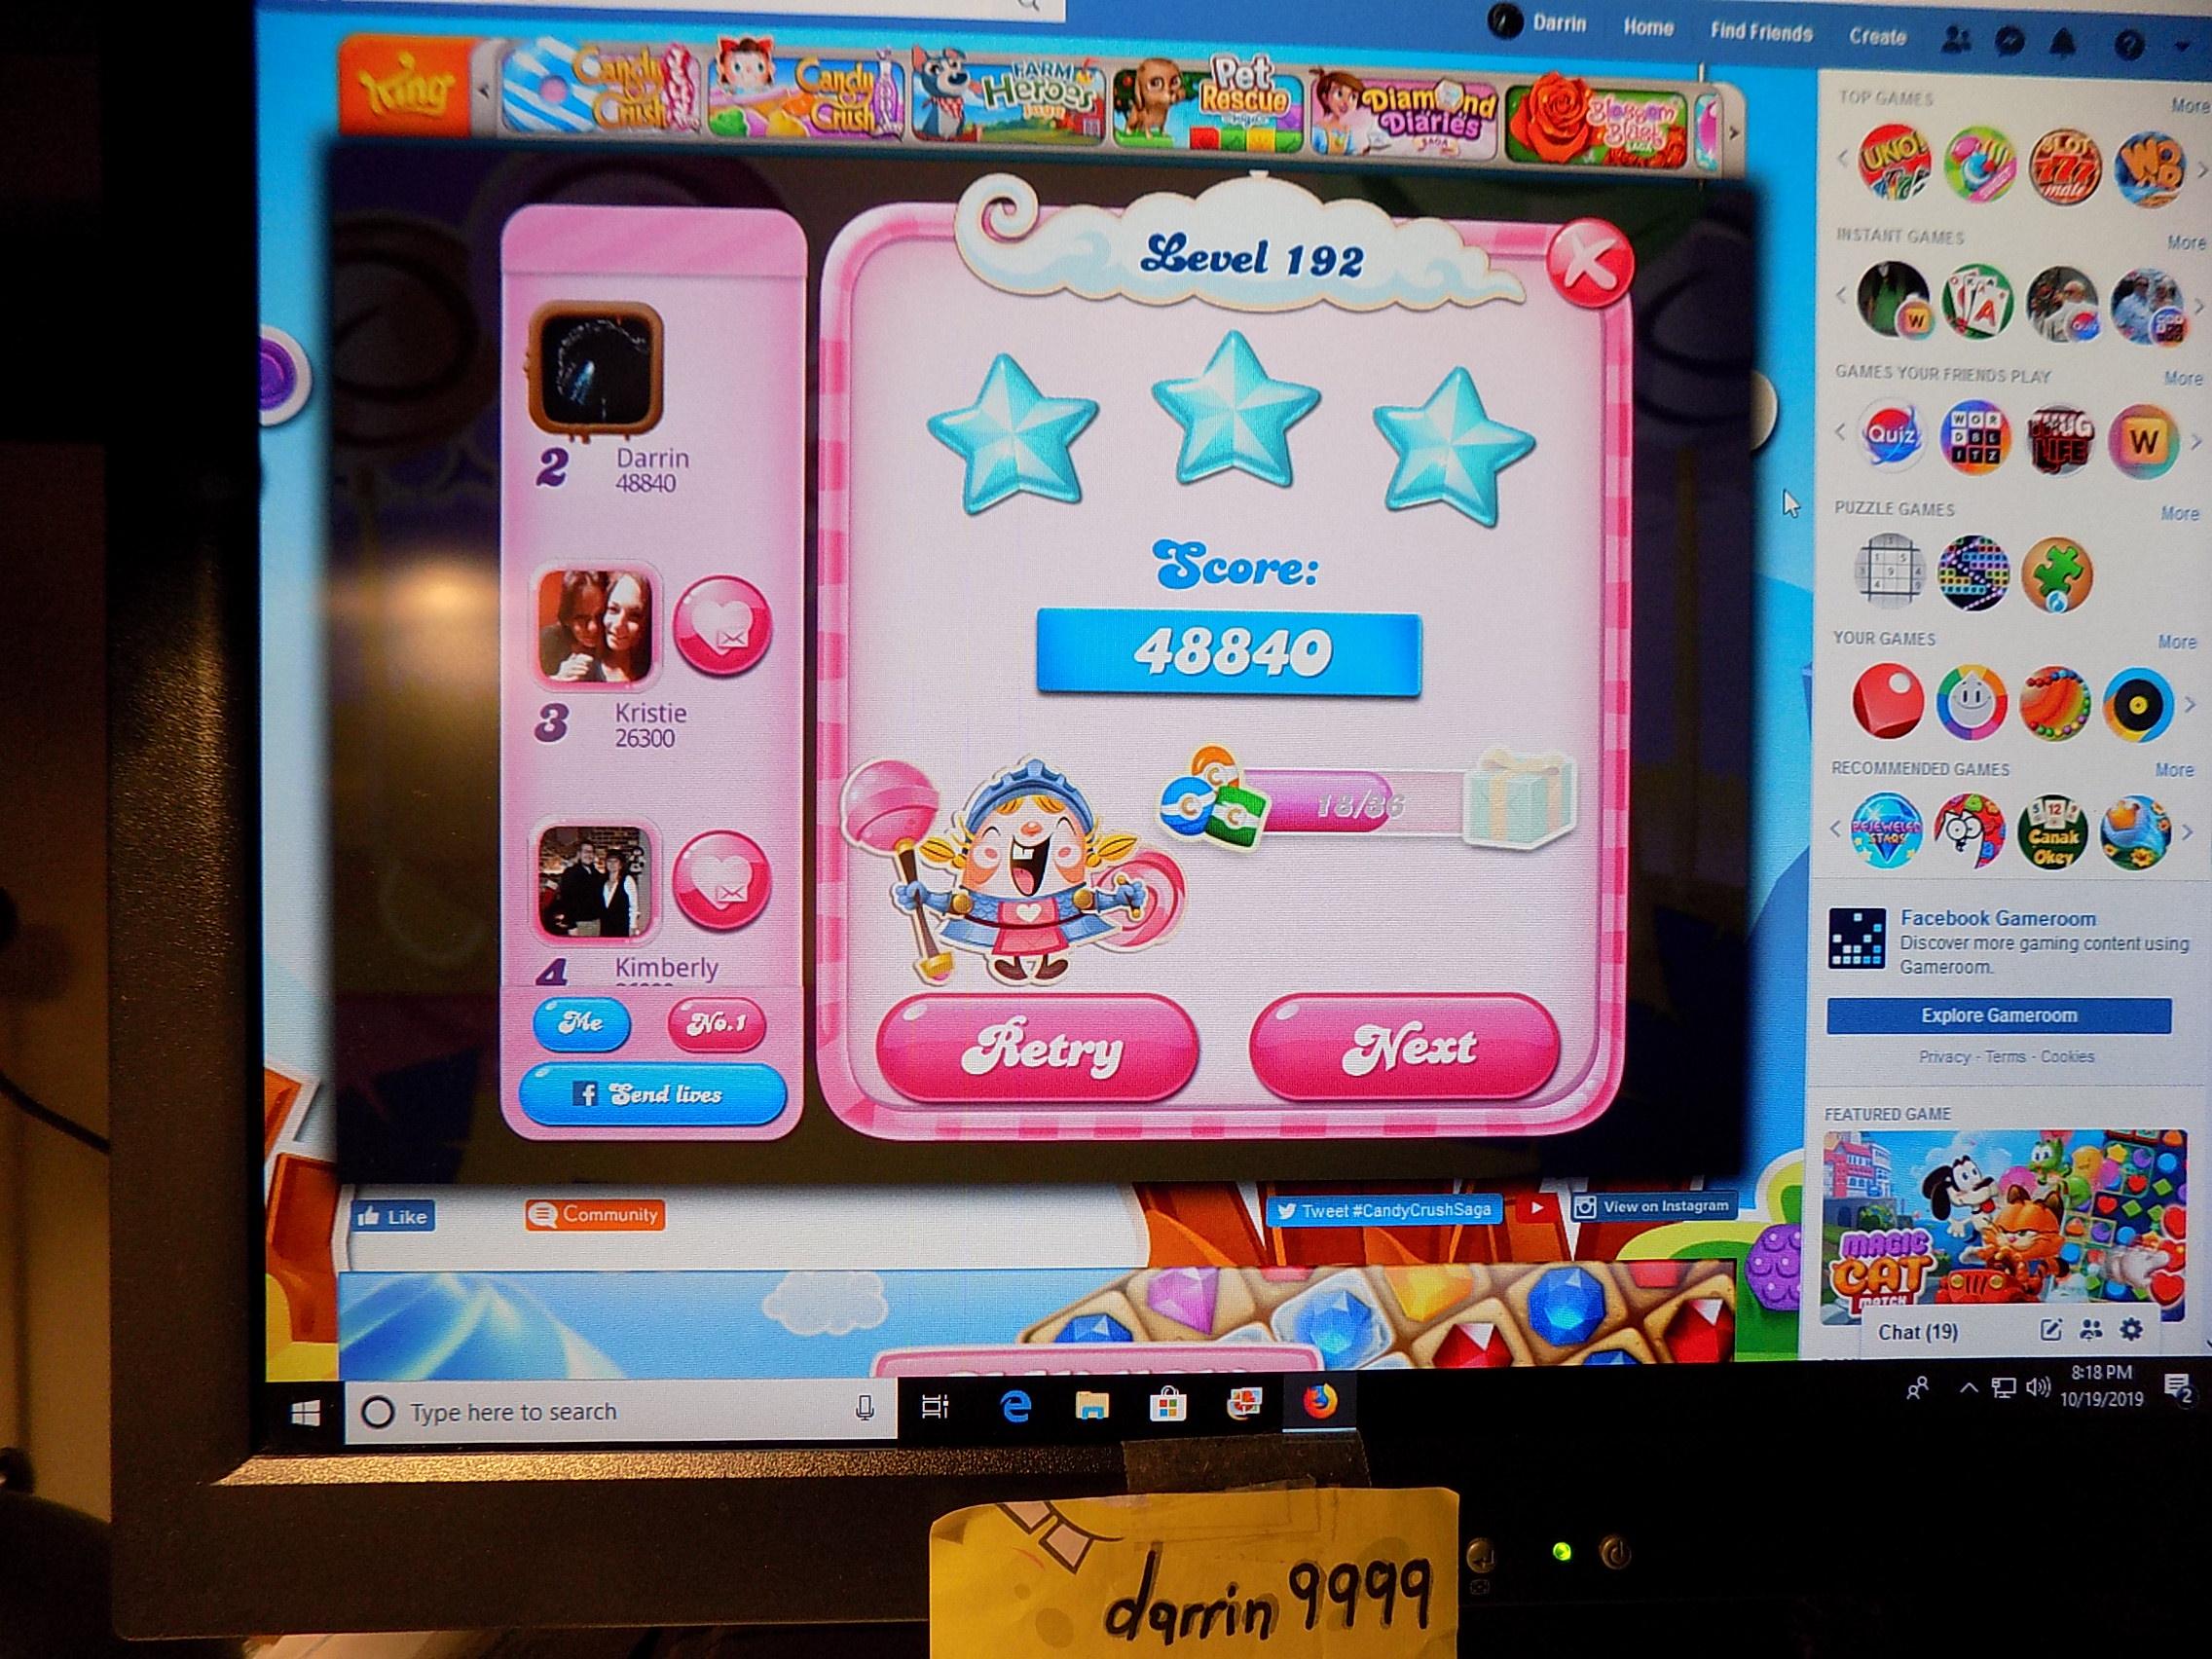 darrin9999: Candy Crush Saga: Level 192 (Web) 48,840 points on 2019-10-26 14:10:56